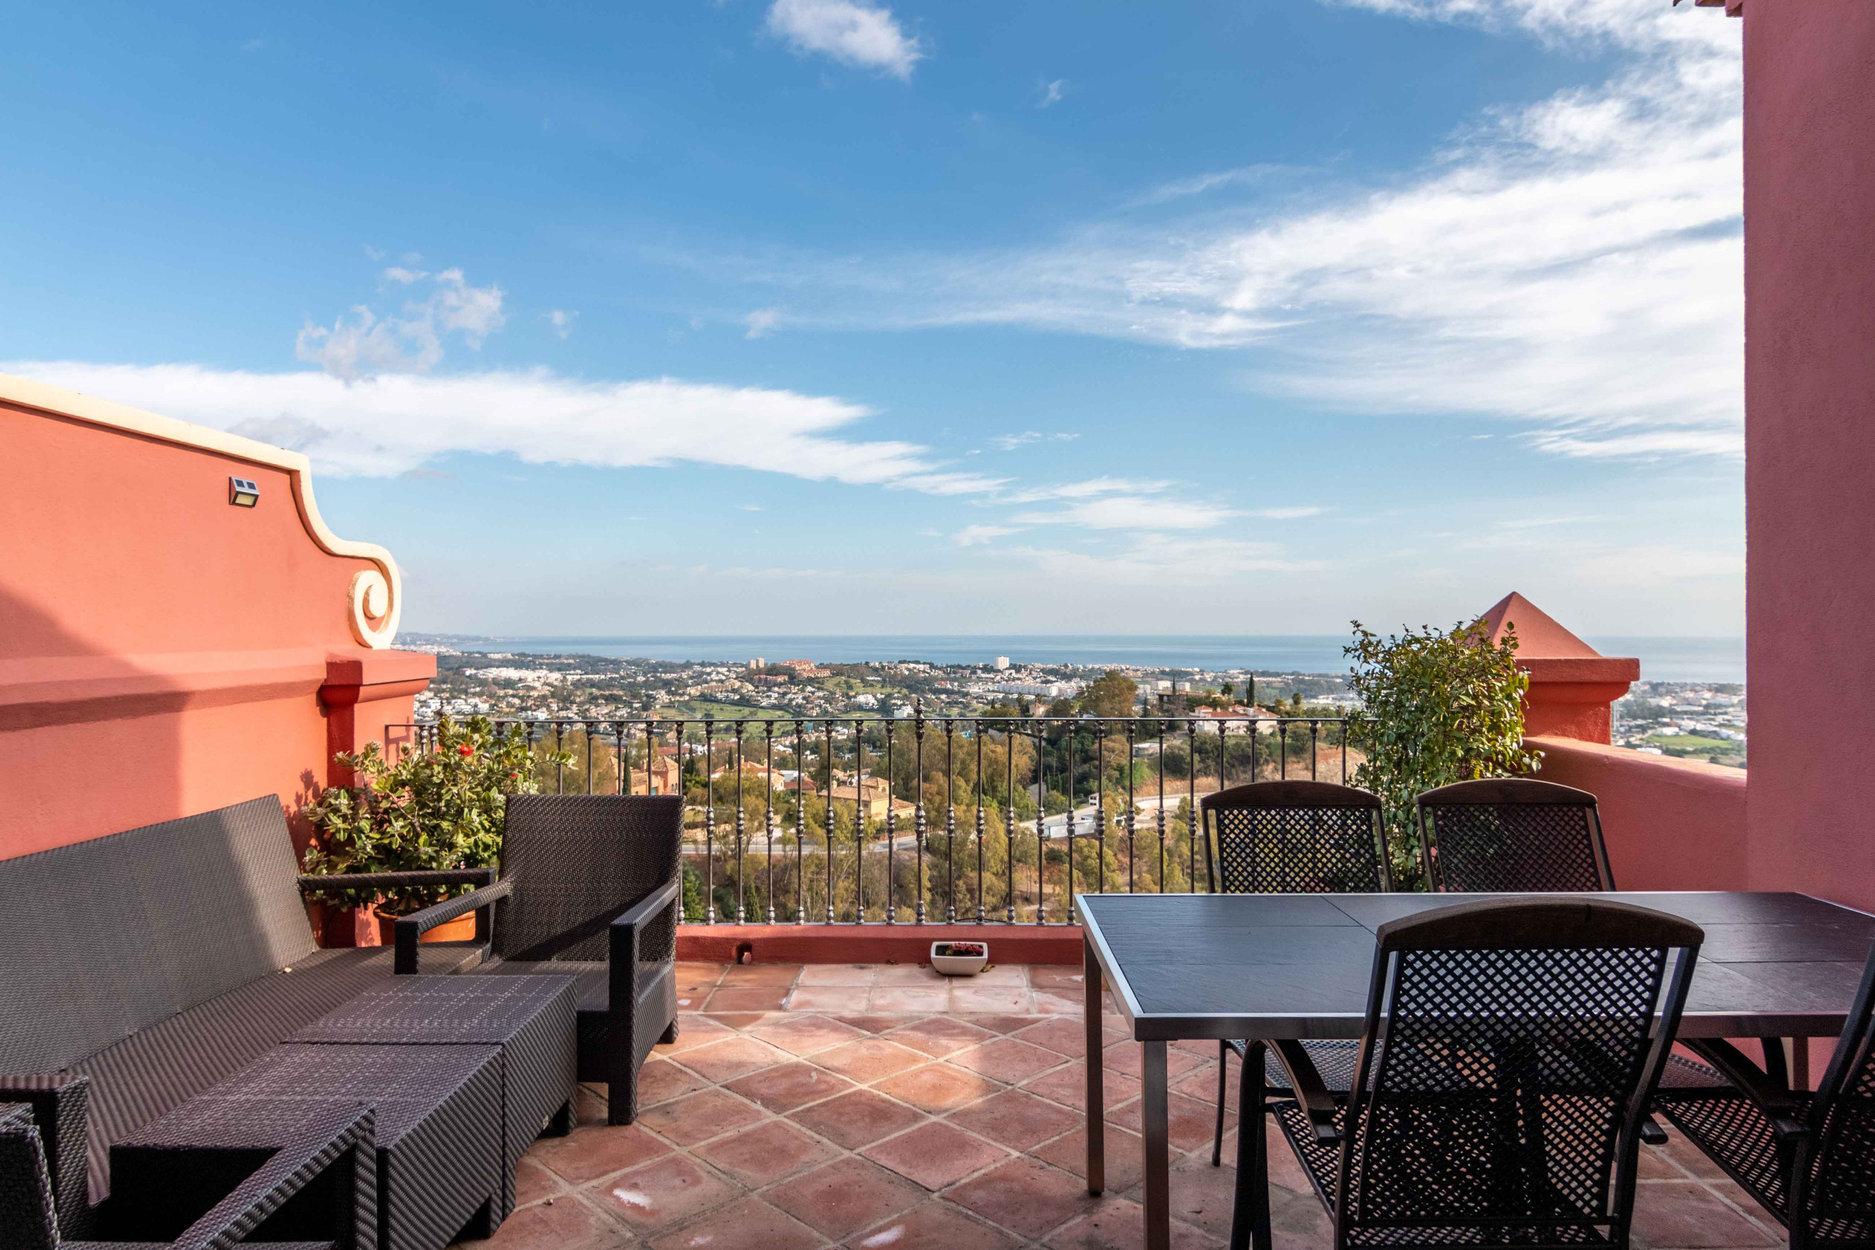 Penthouse for sale in Benahavis, Torre Halcones